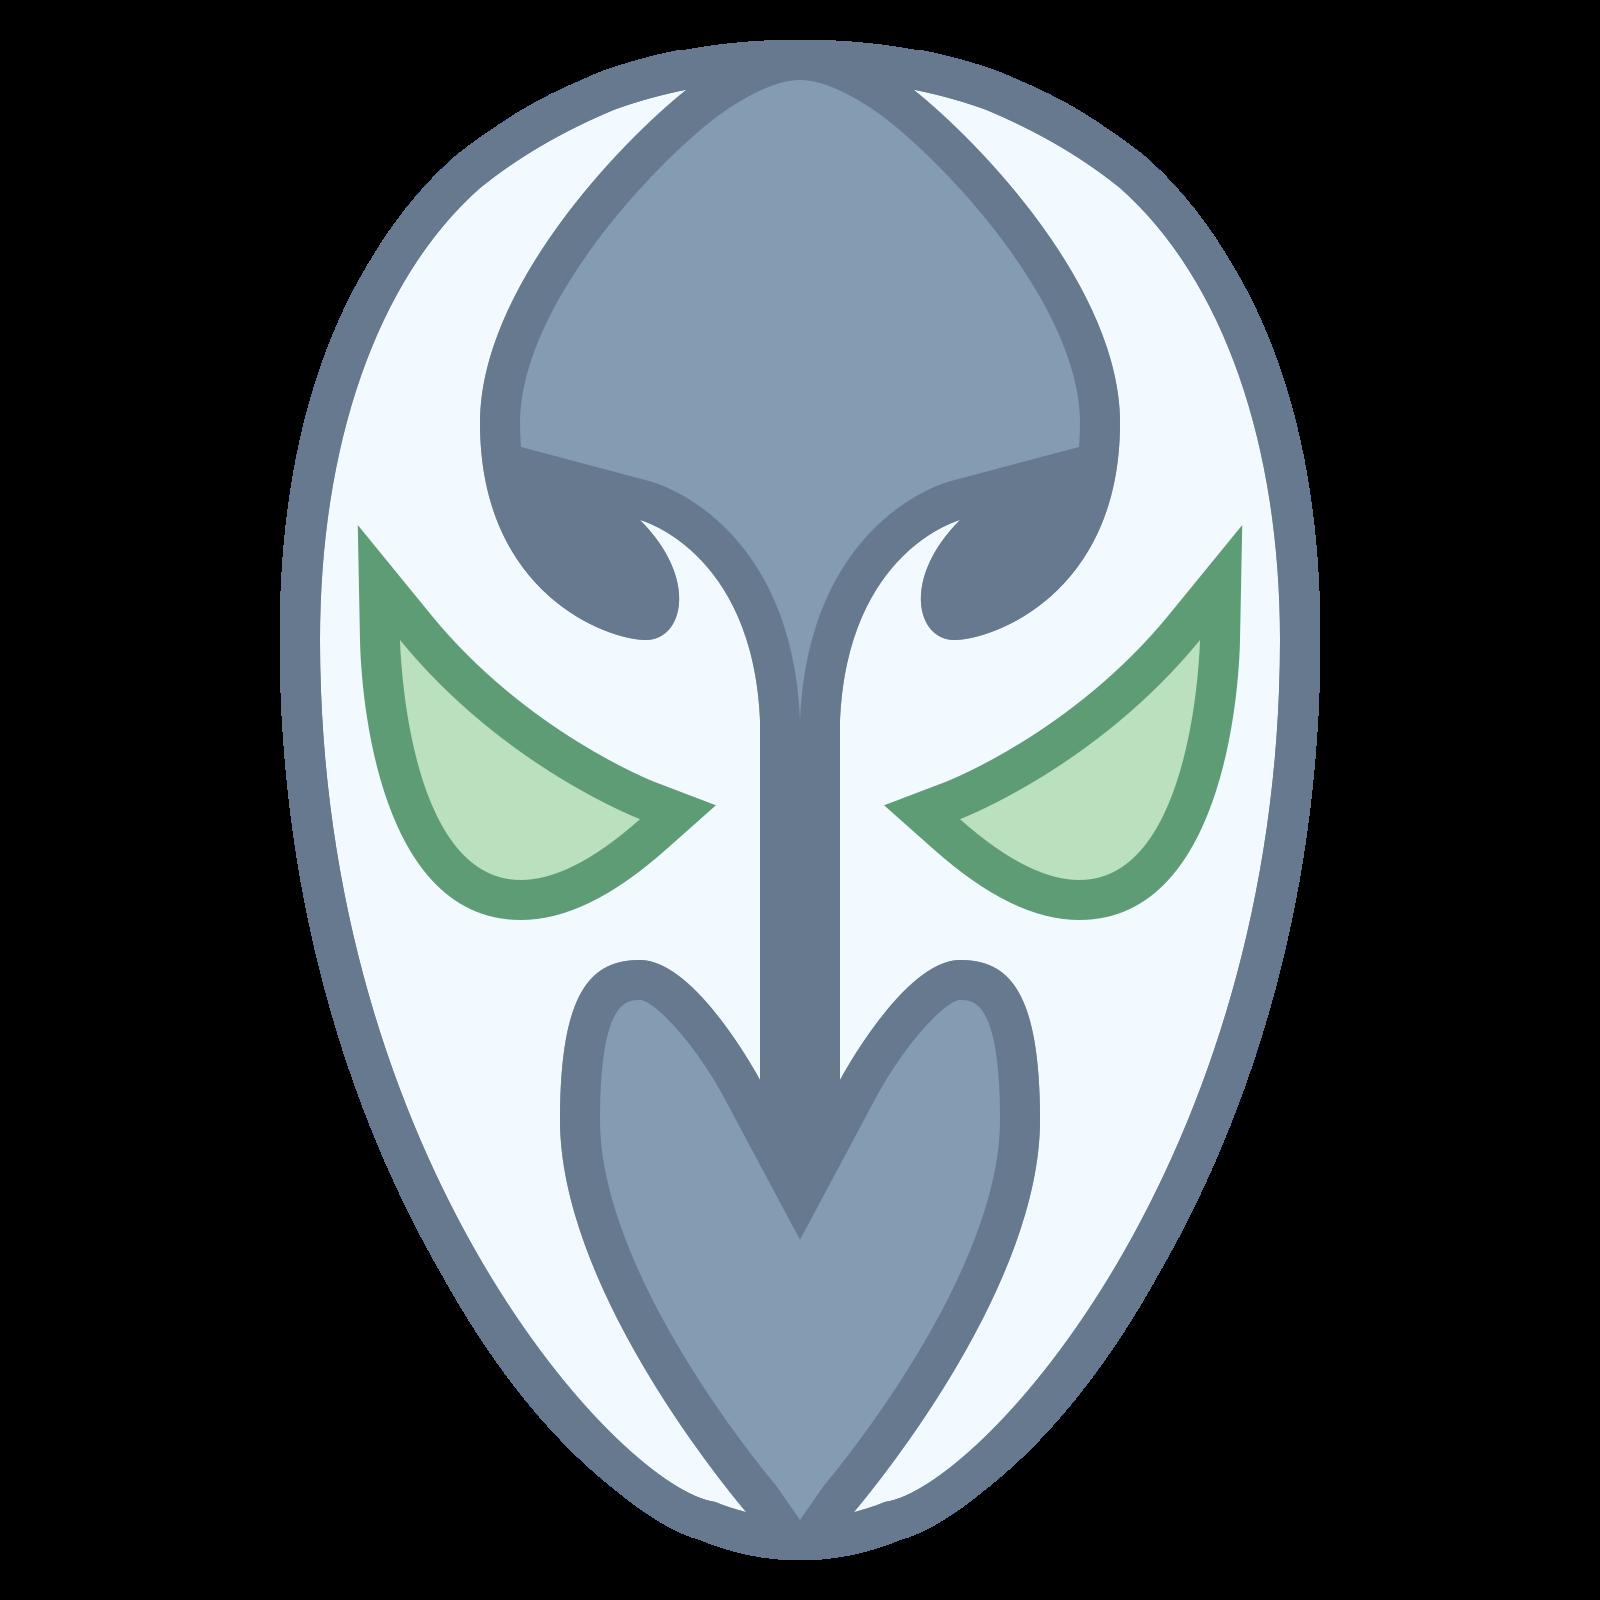 Spawn icon